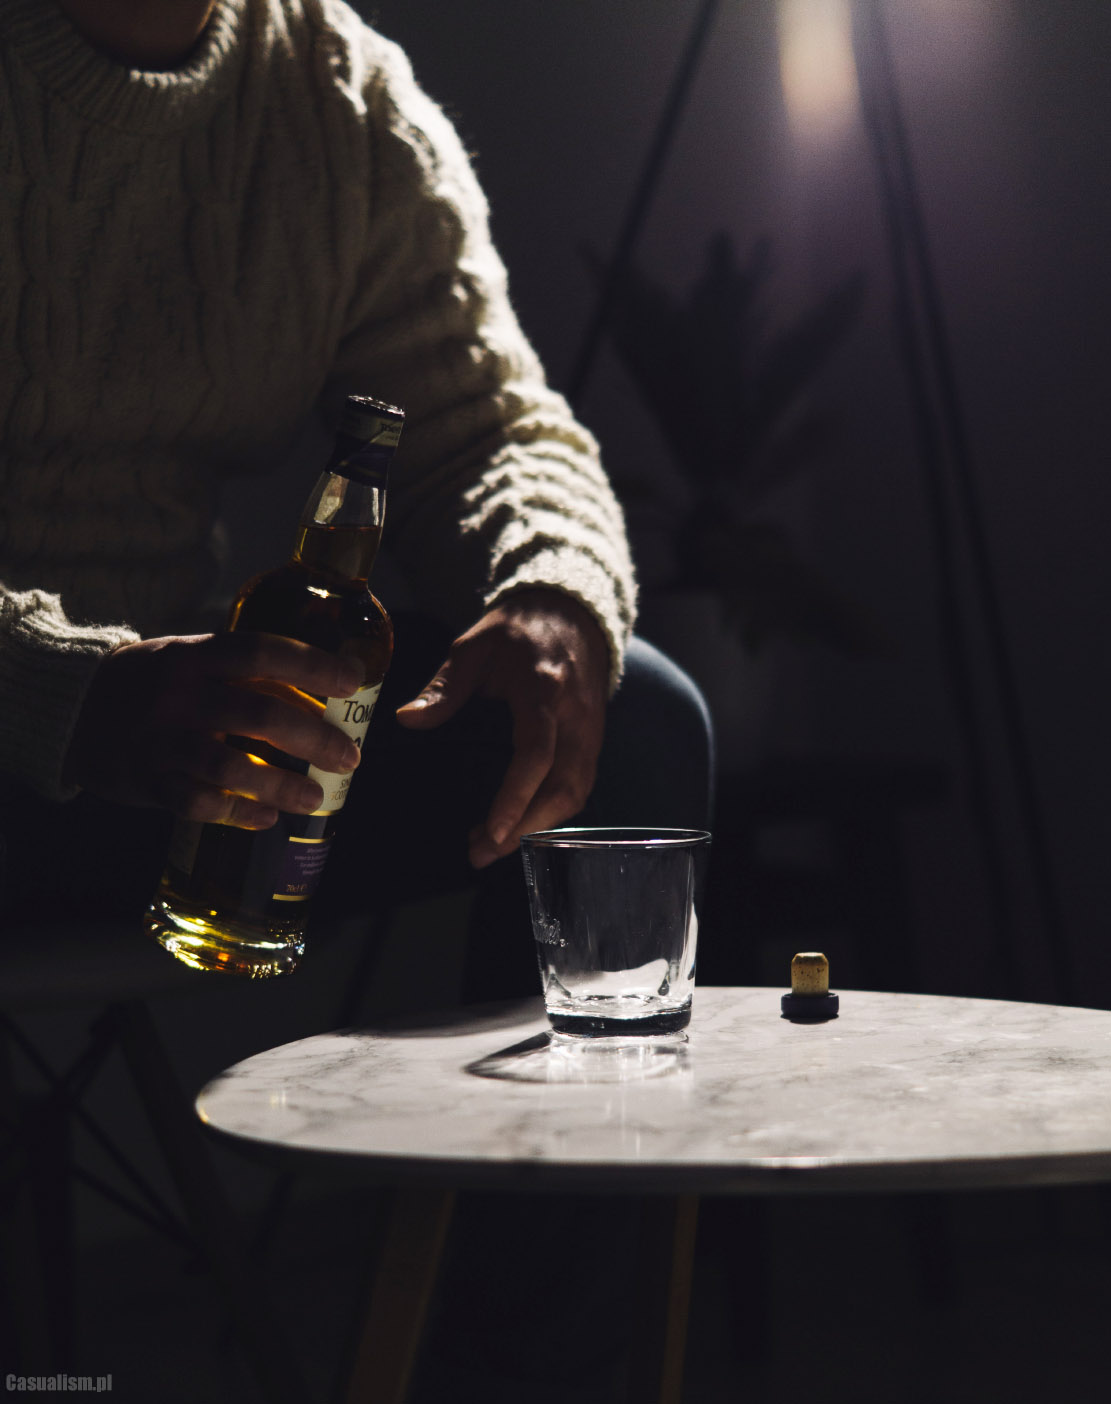 whisky tomintoul, whisky tomintoul 10 yo, tomintoul 10 yo, Tomintoul whisky recenzja, recenzja whisky, whisky jak pić